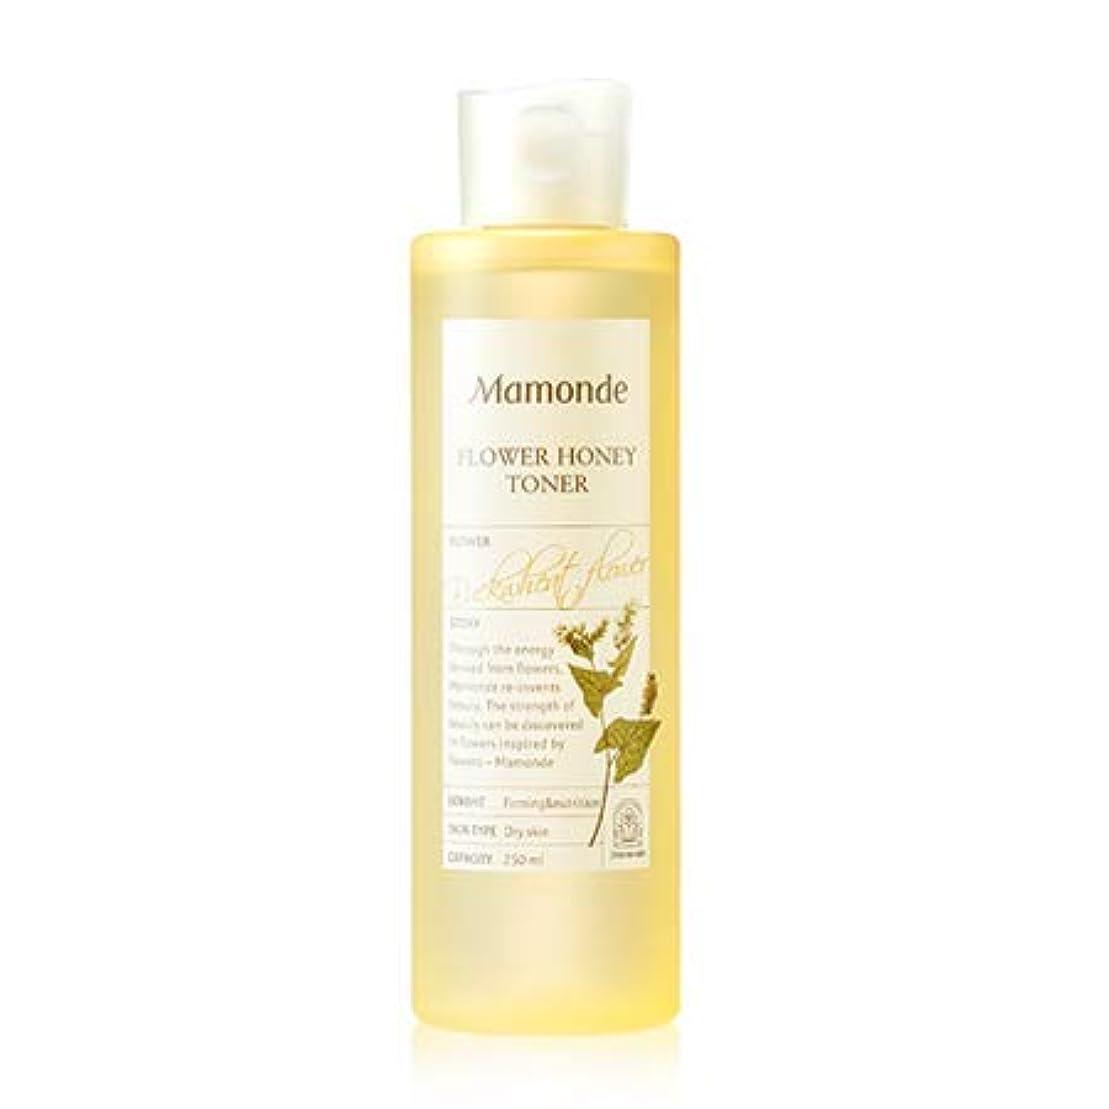 スペイン語輝くお肉Mamonde Flower Honey Toner マモンド フラワー ハニー トナー 250ml [並行輸入品]